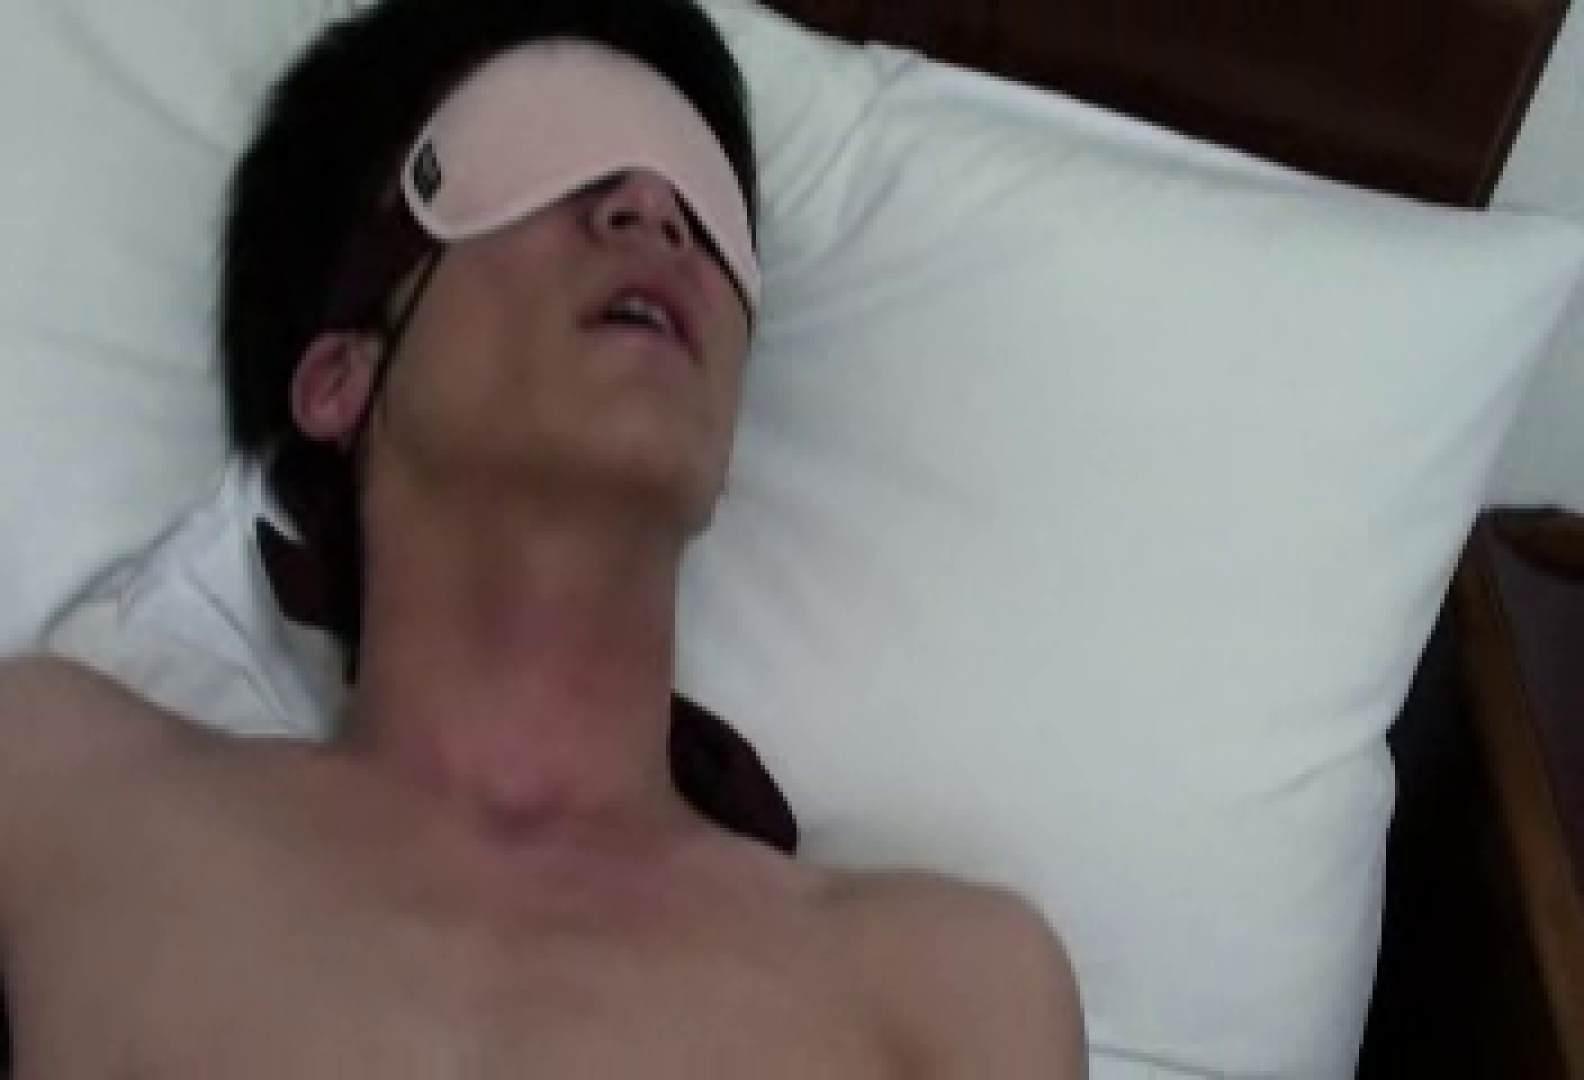 アイマスクでおもいっきり性感帯!!vol.03 素人ゲイ ゲイ無料エロ画像 84pic 74